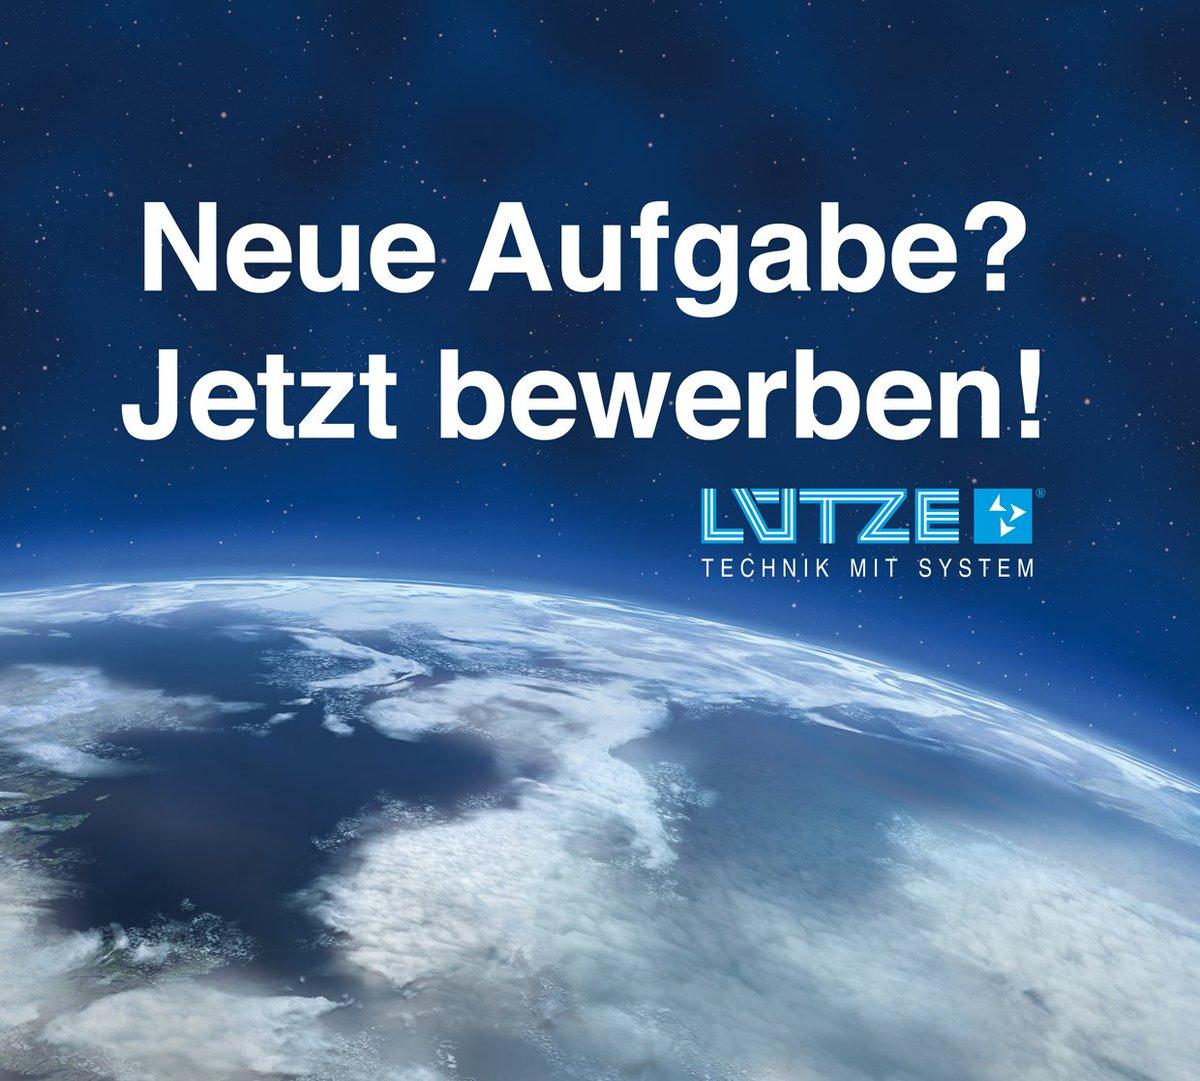 LÜTZE Deutschland sucht   SMD Operator (m/w)  Jetzt bewerben!!! ...